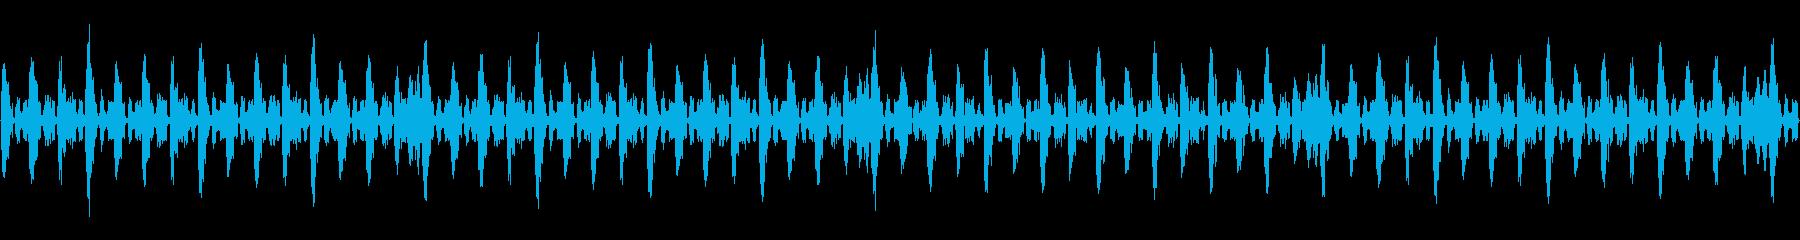 デジタルな曲の再生済みの波形